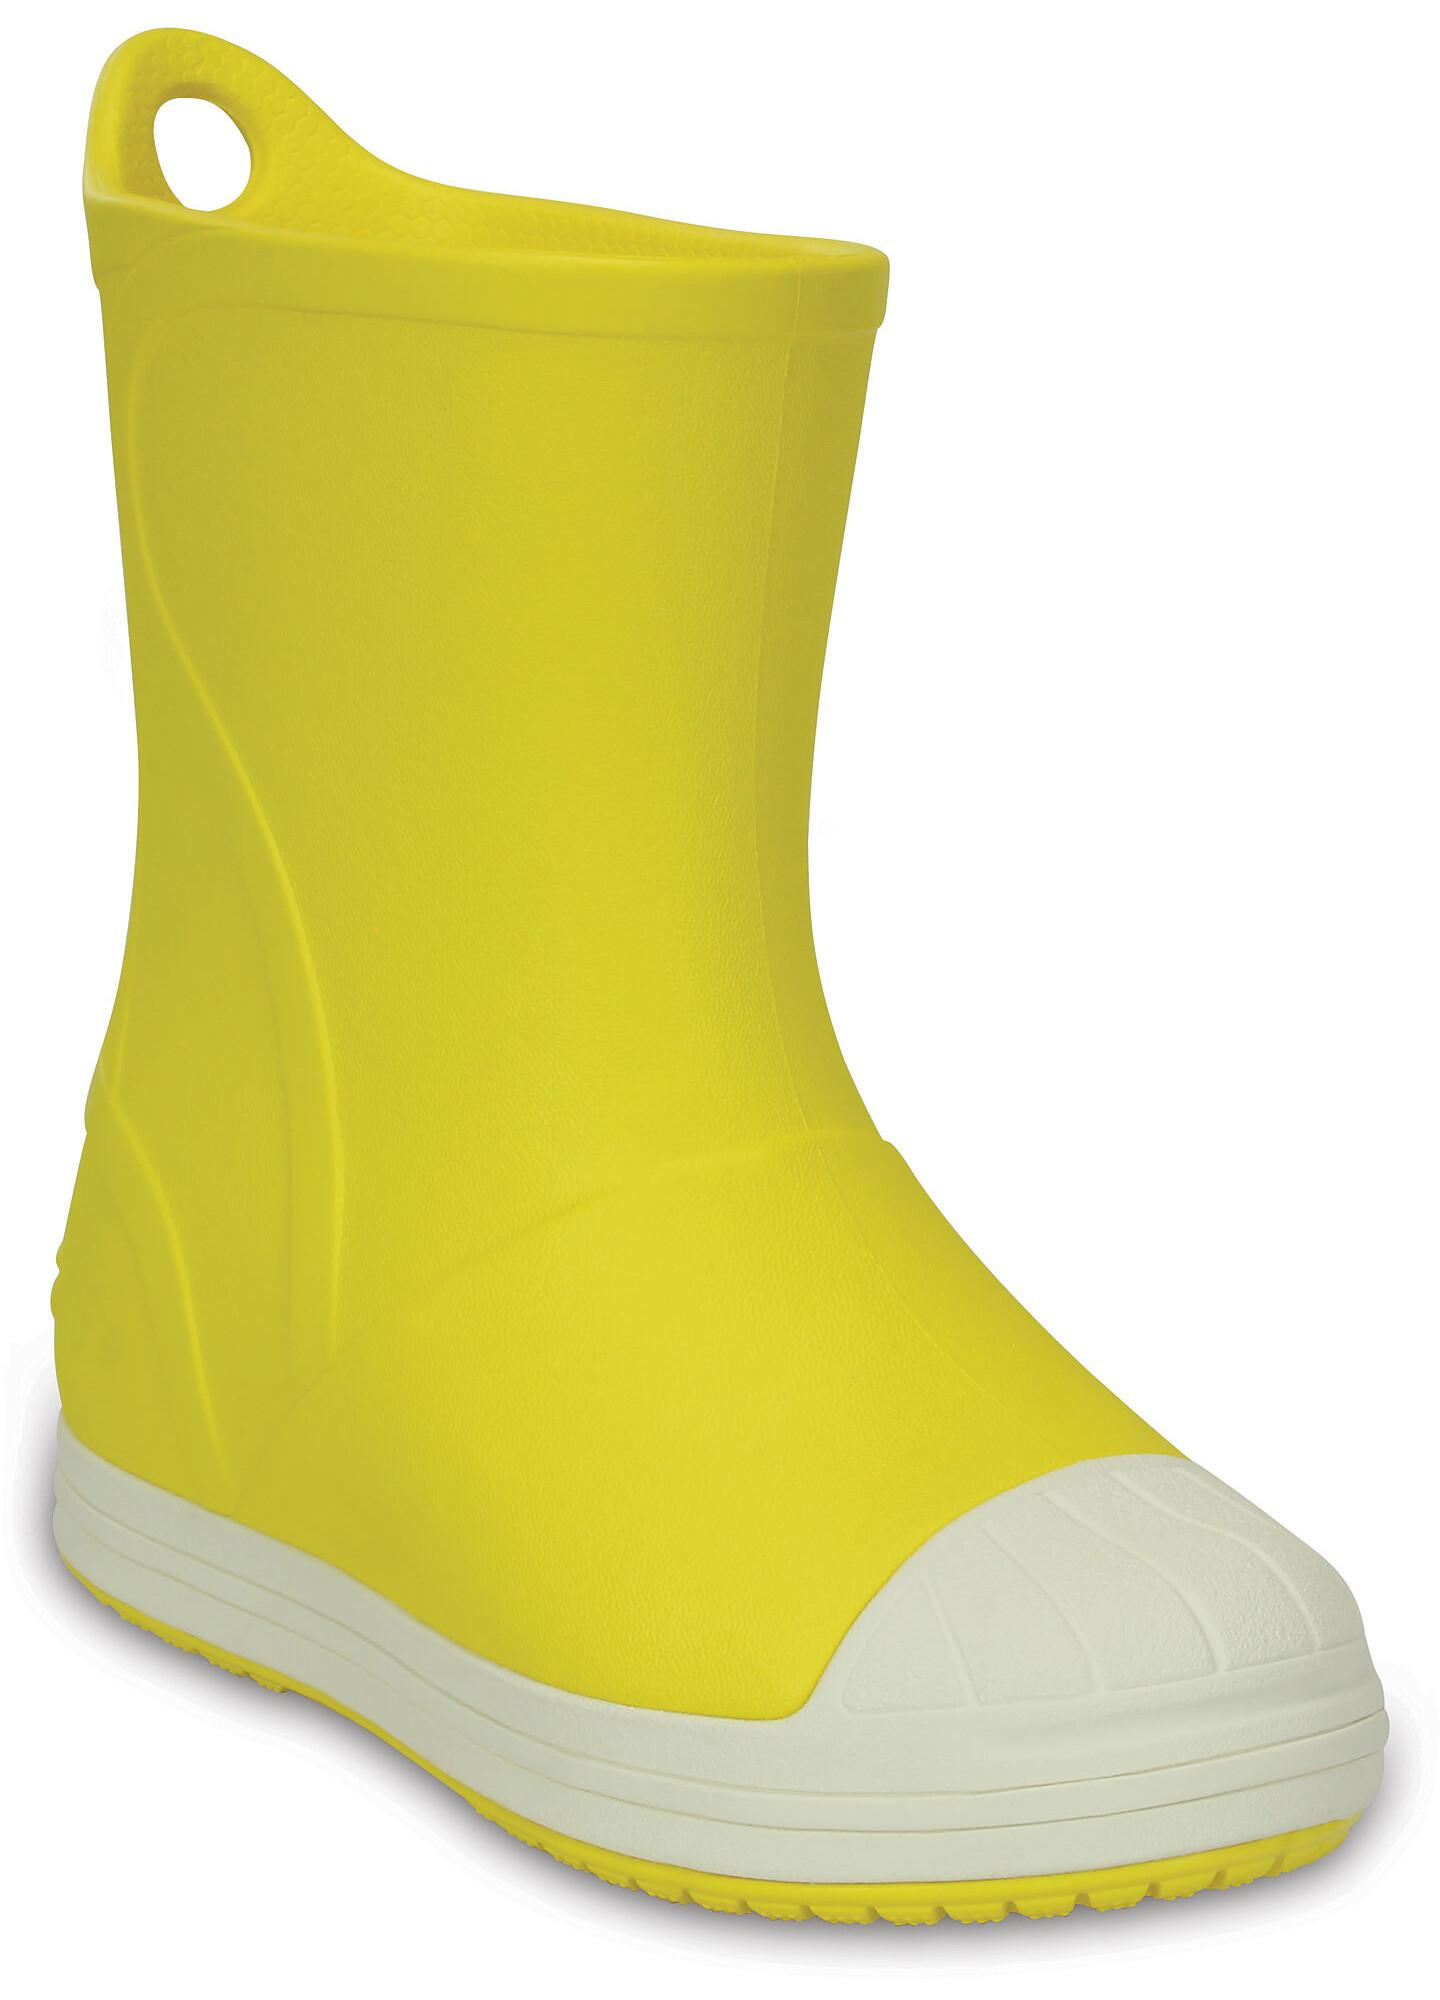 Crocs Bump It Gummistøvler Børn gul | Find outdoortøj, sko & udstyr på nettet | CAMPZ.dk